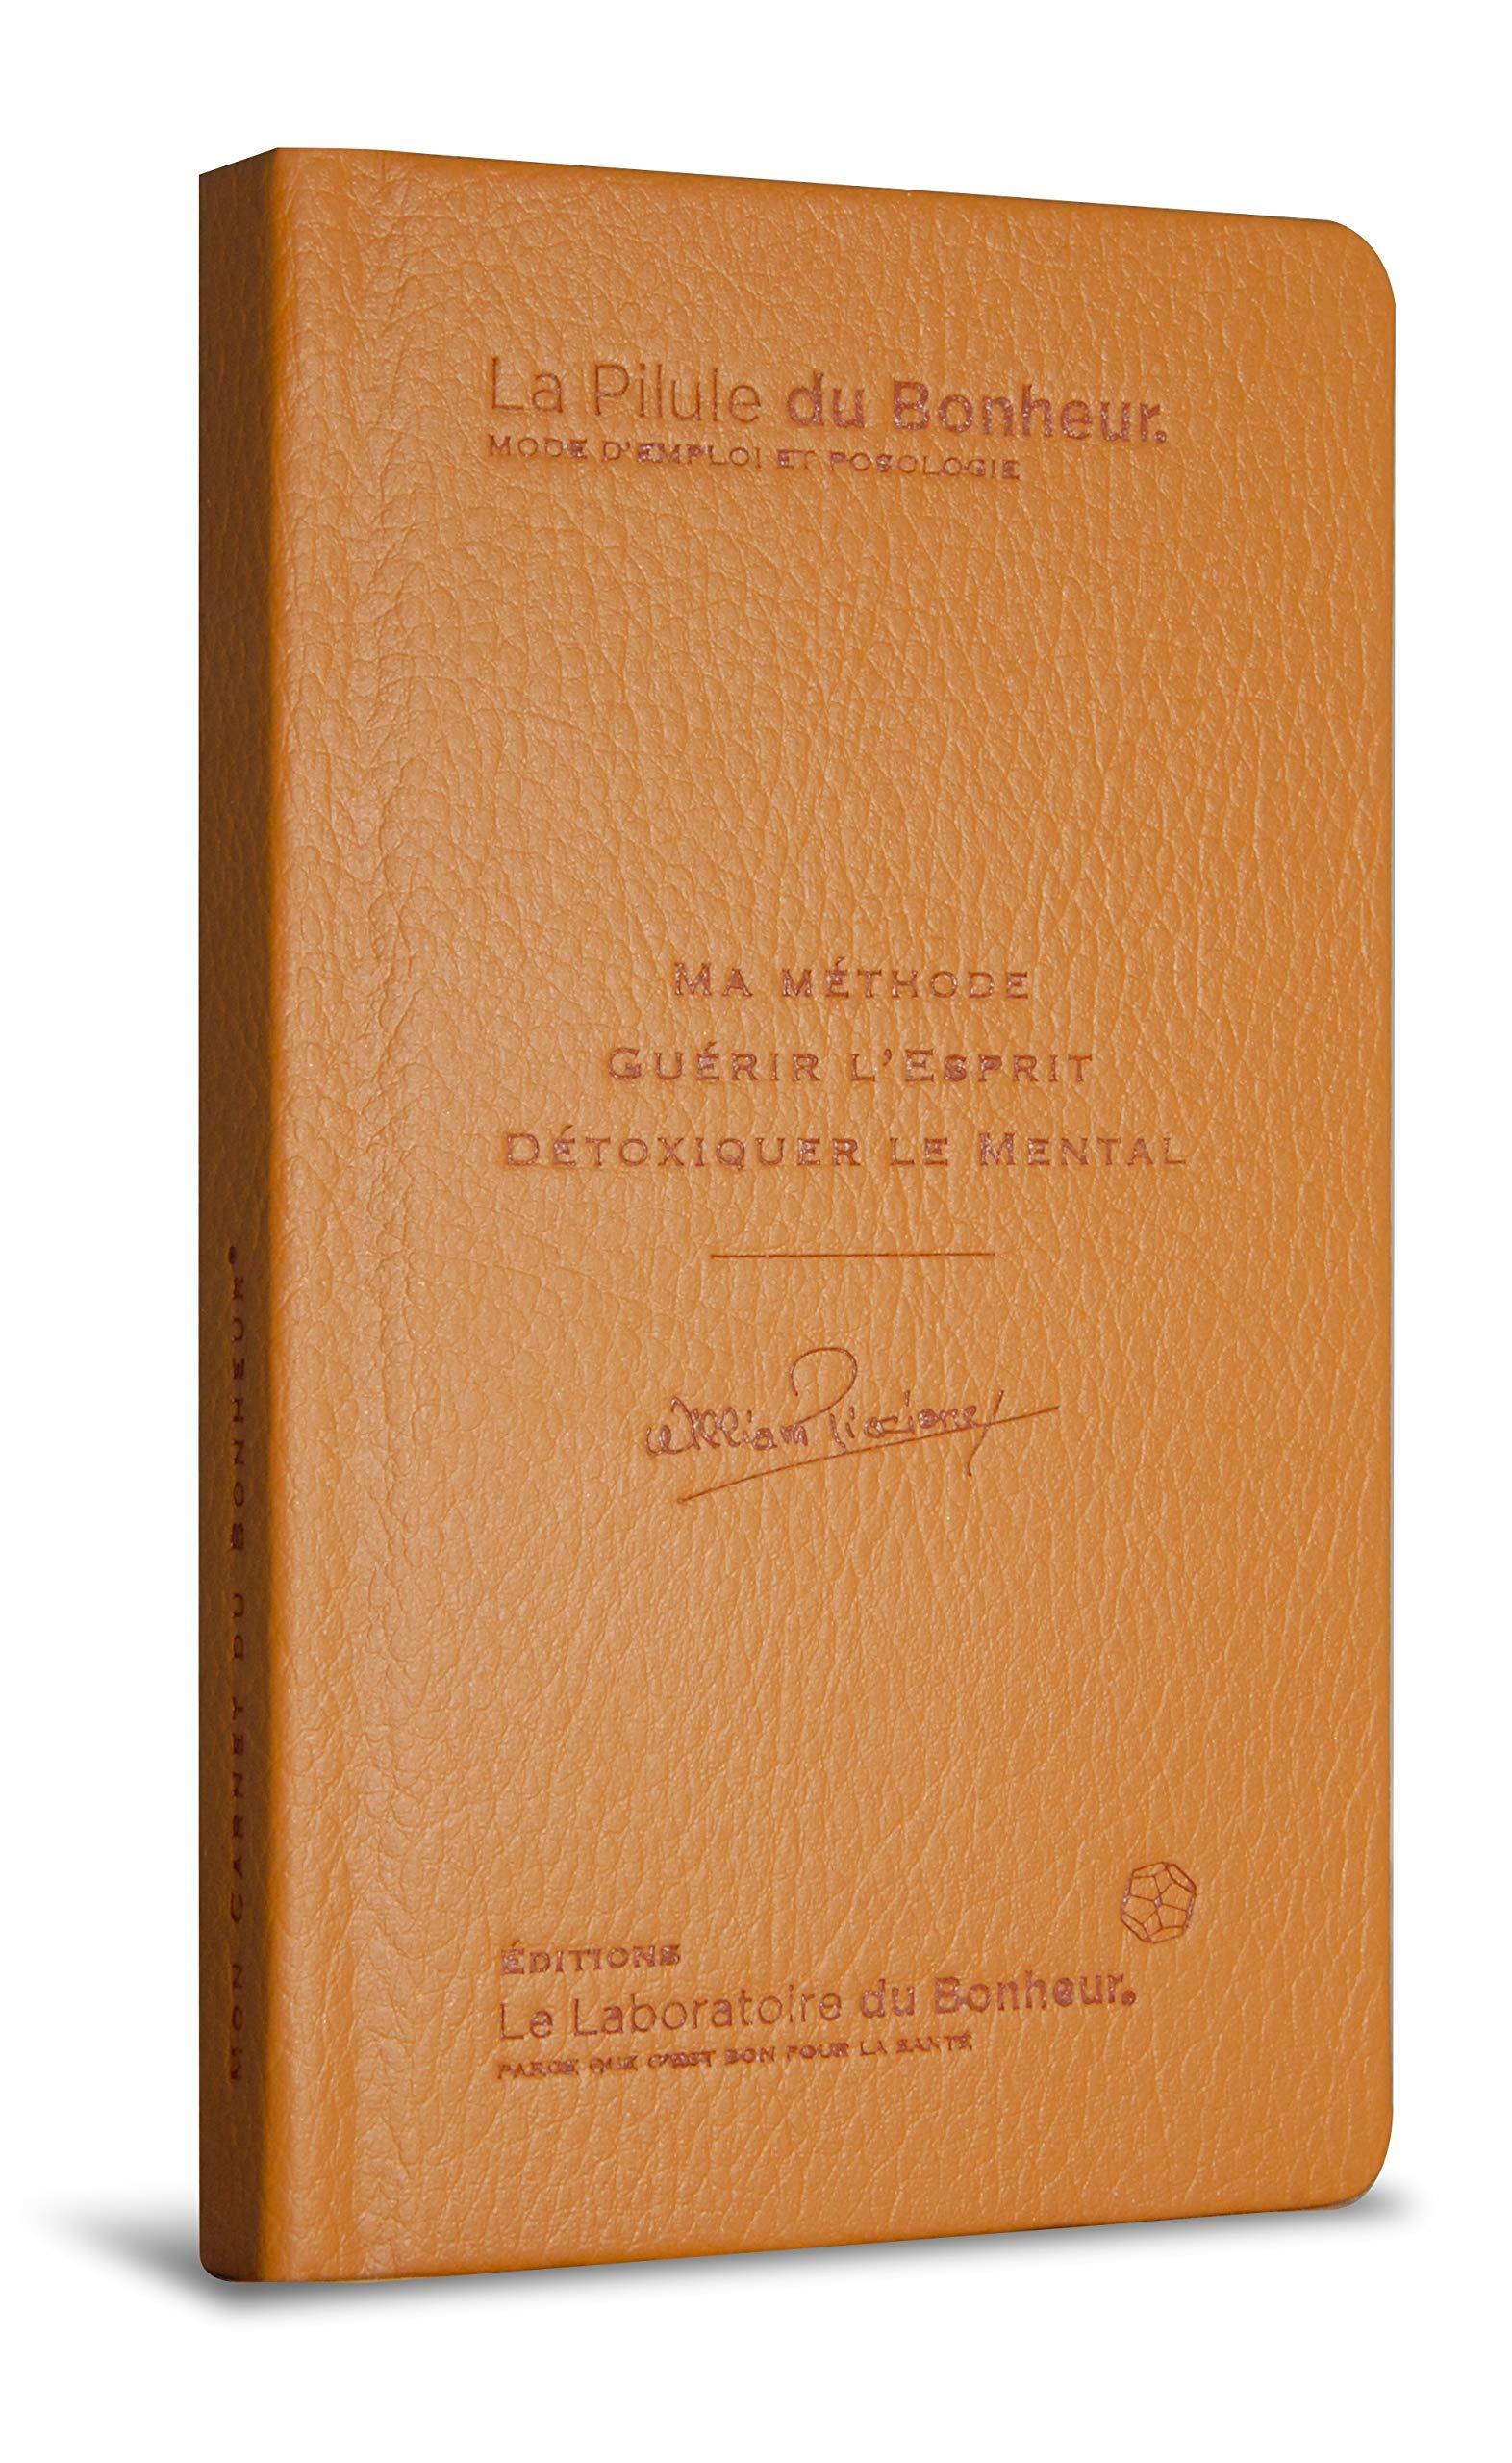 La pilule du Bonheur. Un carnet, une méthode. William Piccione.